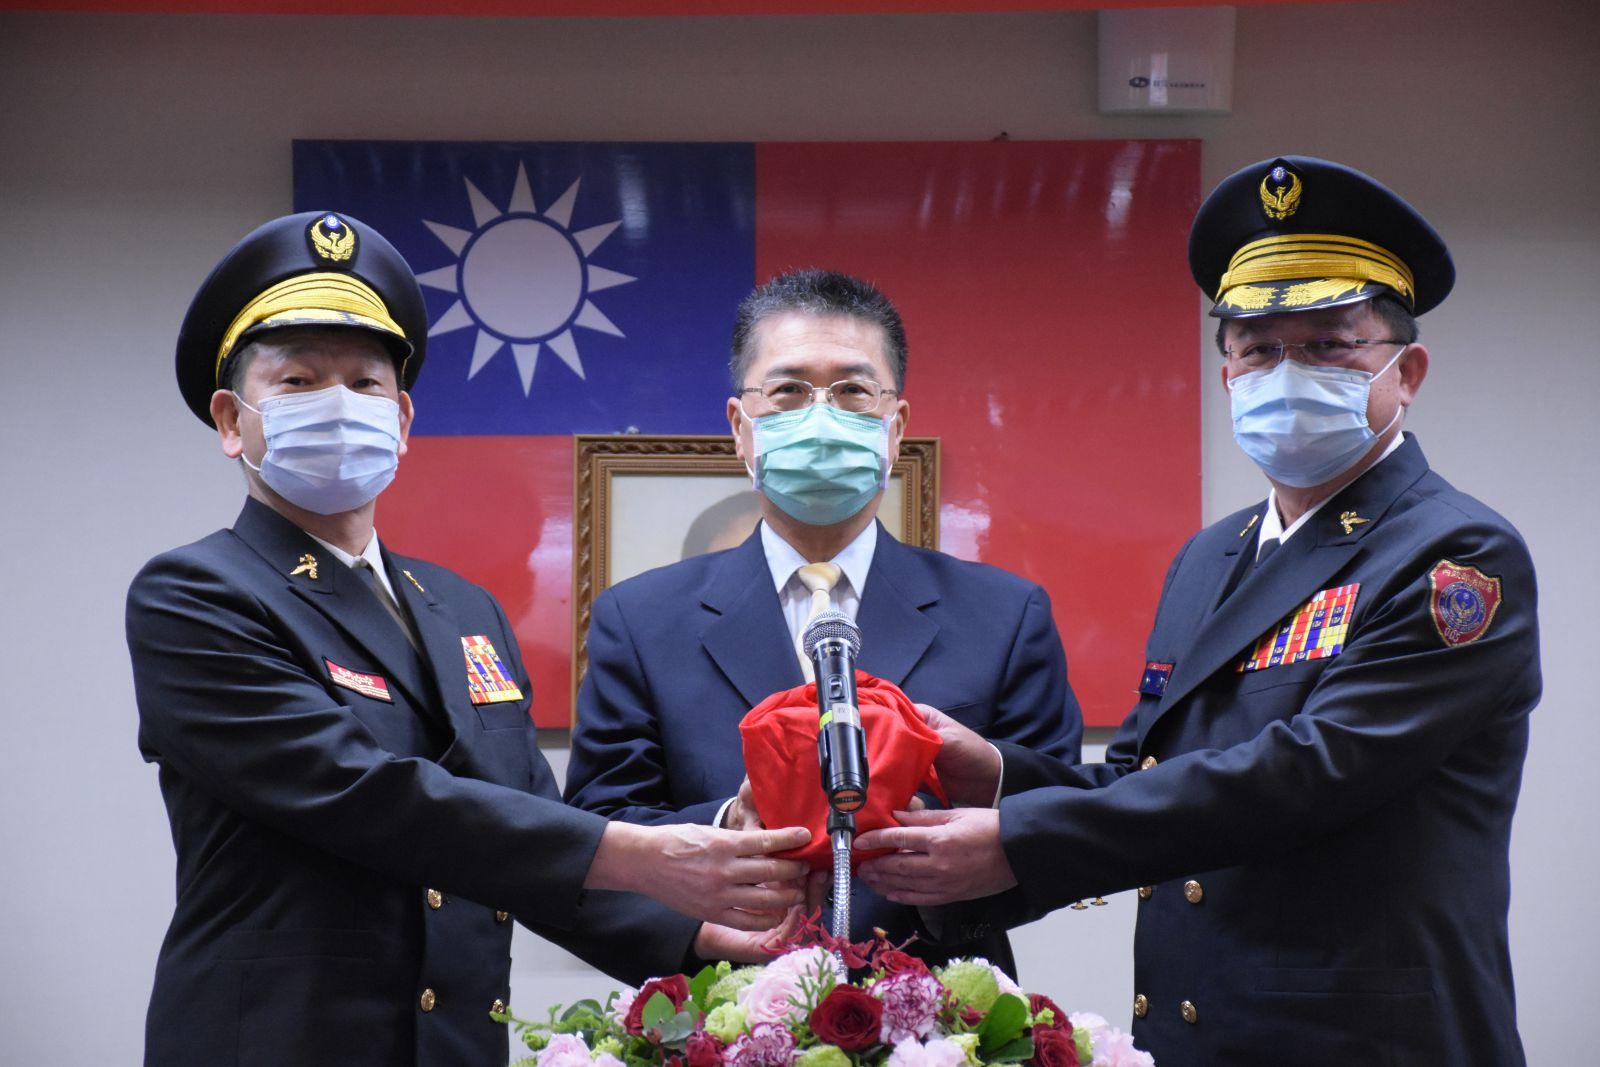 卸任署長陳文龍與接任署長蕭煥章交接印信,由內政部長徐國勇監交。